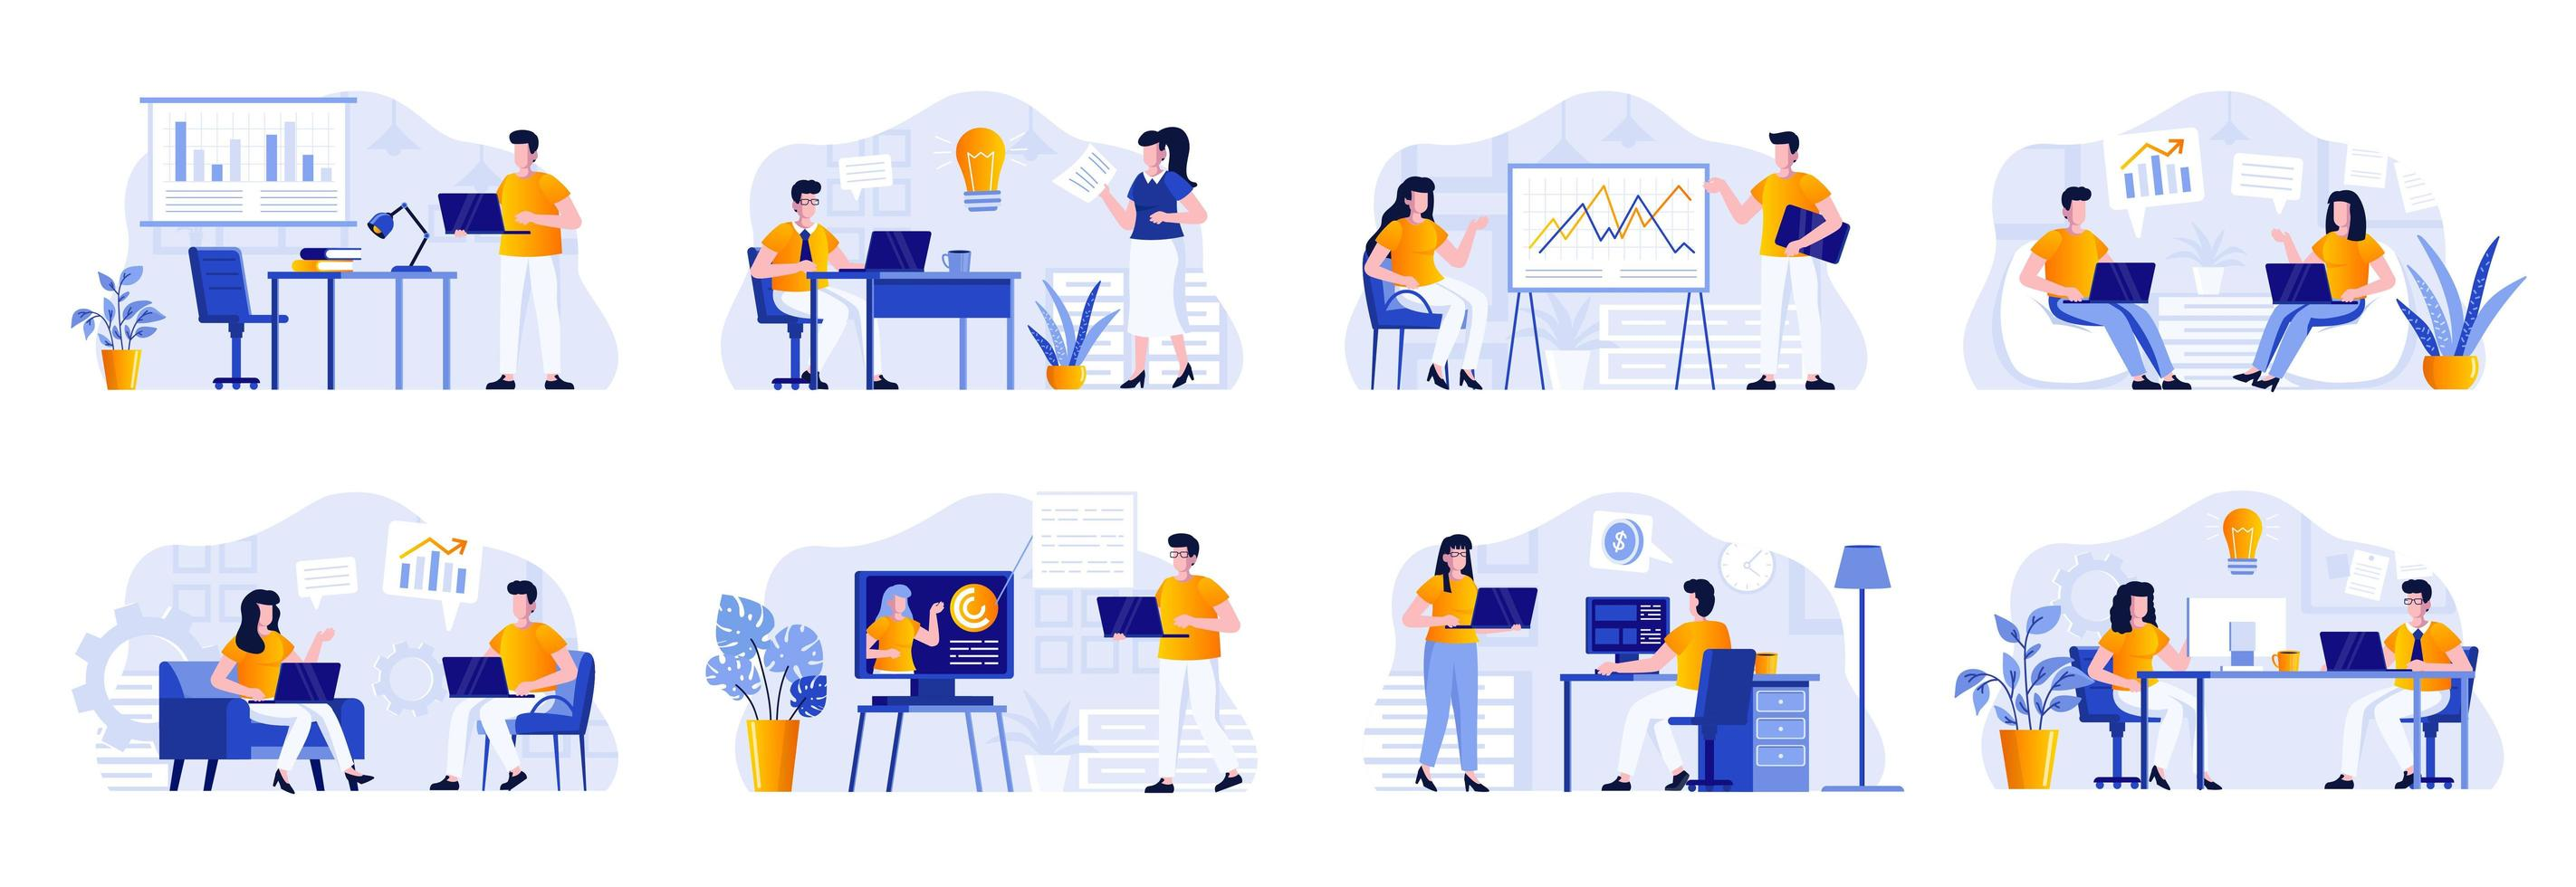 zakelijke bijeenkomst scènes bundelen met mensen vector